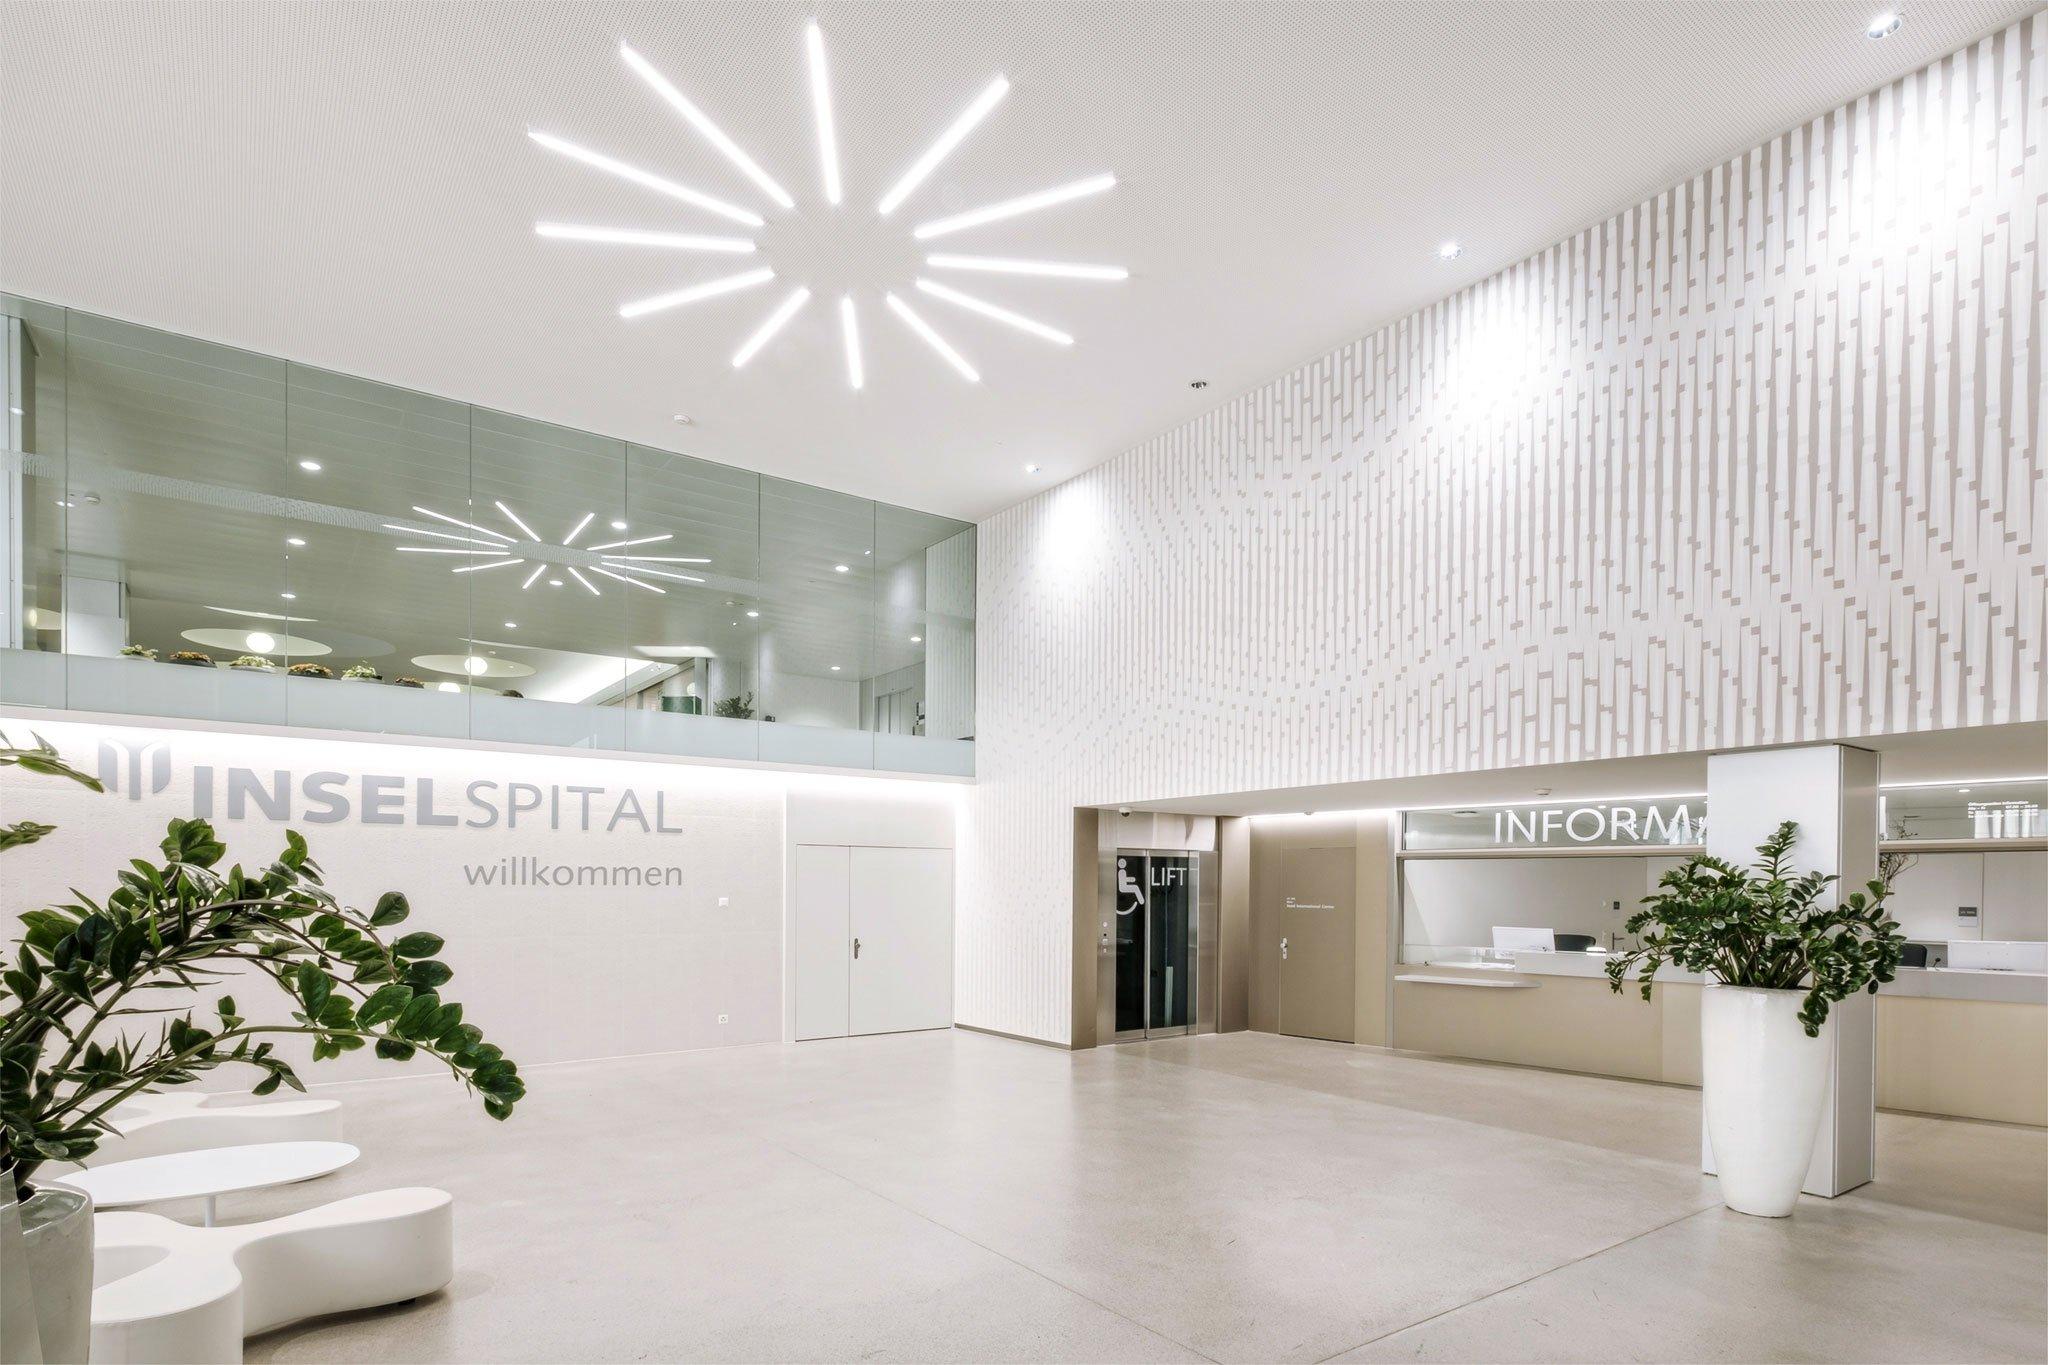 Mit innovativer Wandgestaltung eine neue Spitalstimmung schaffen